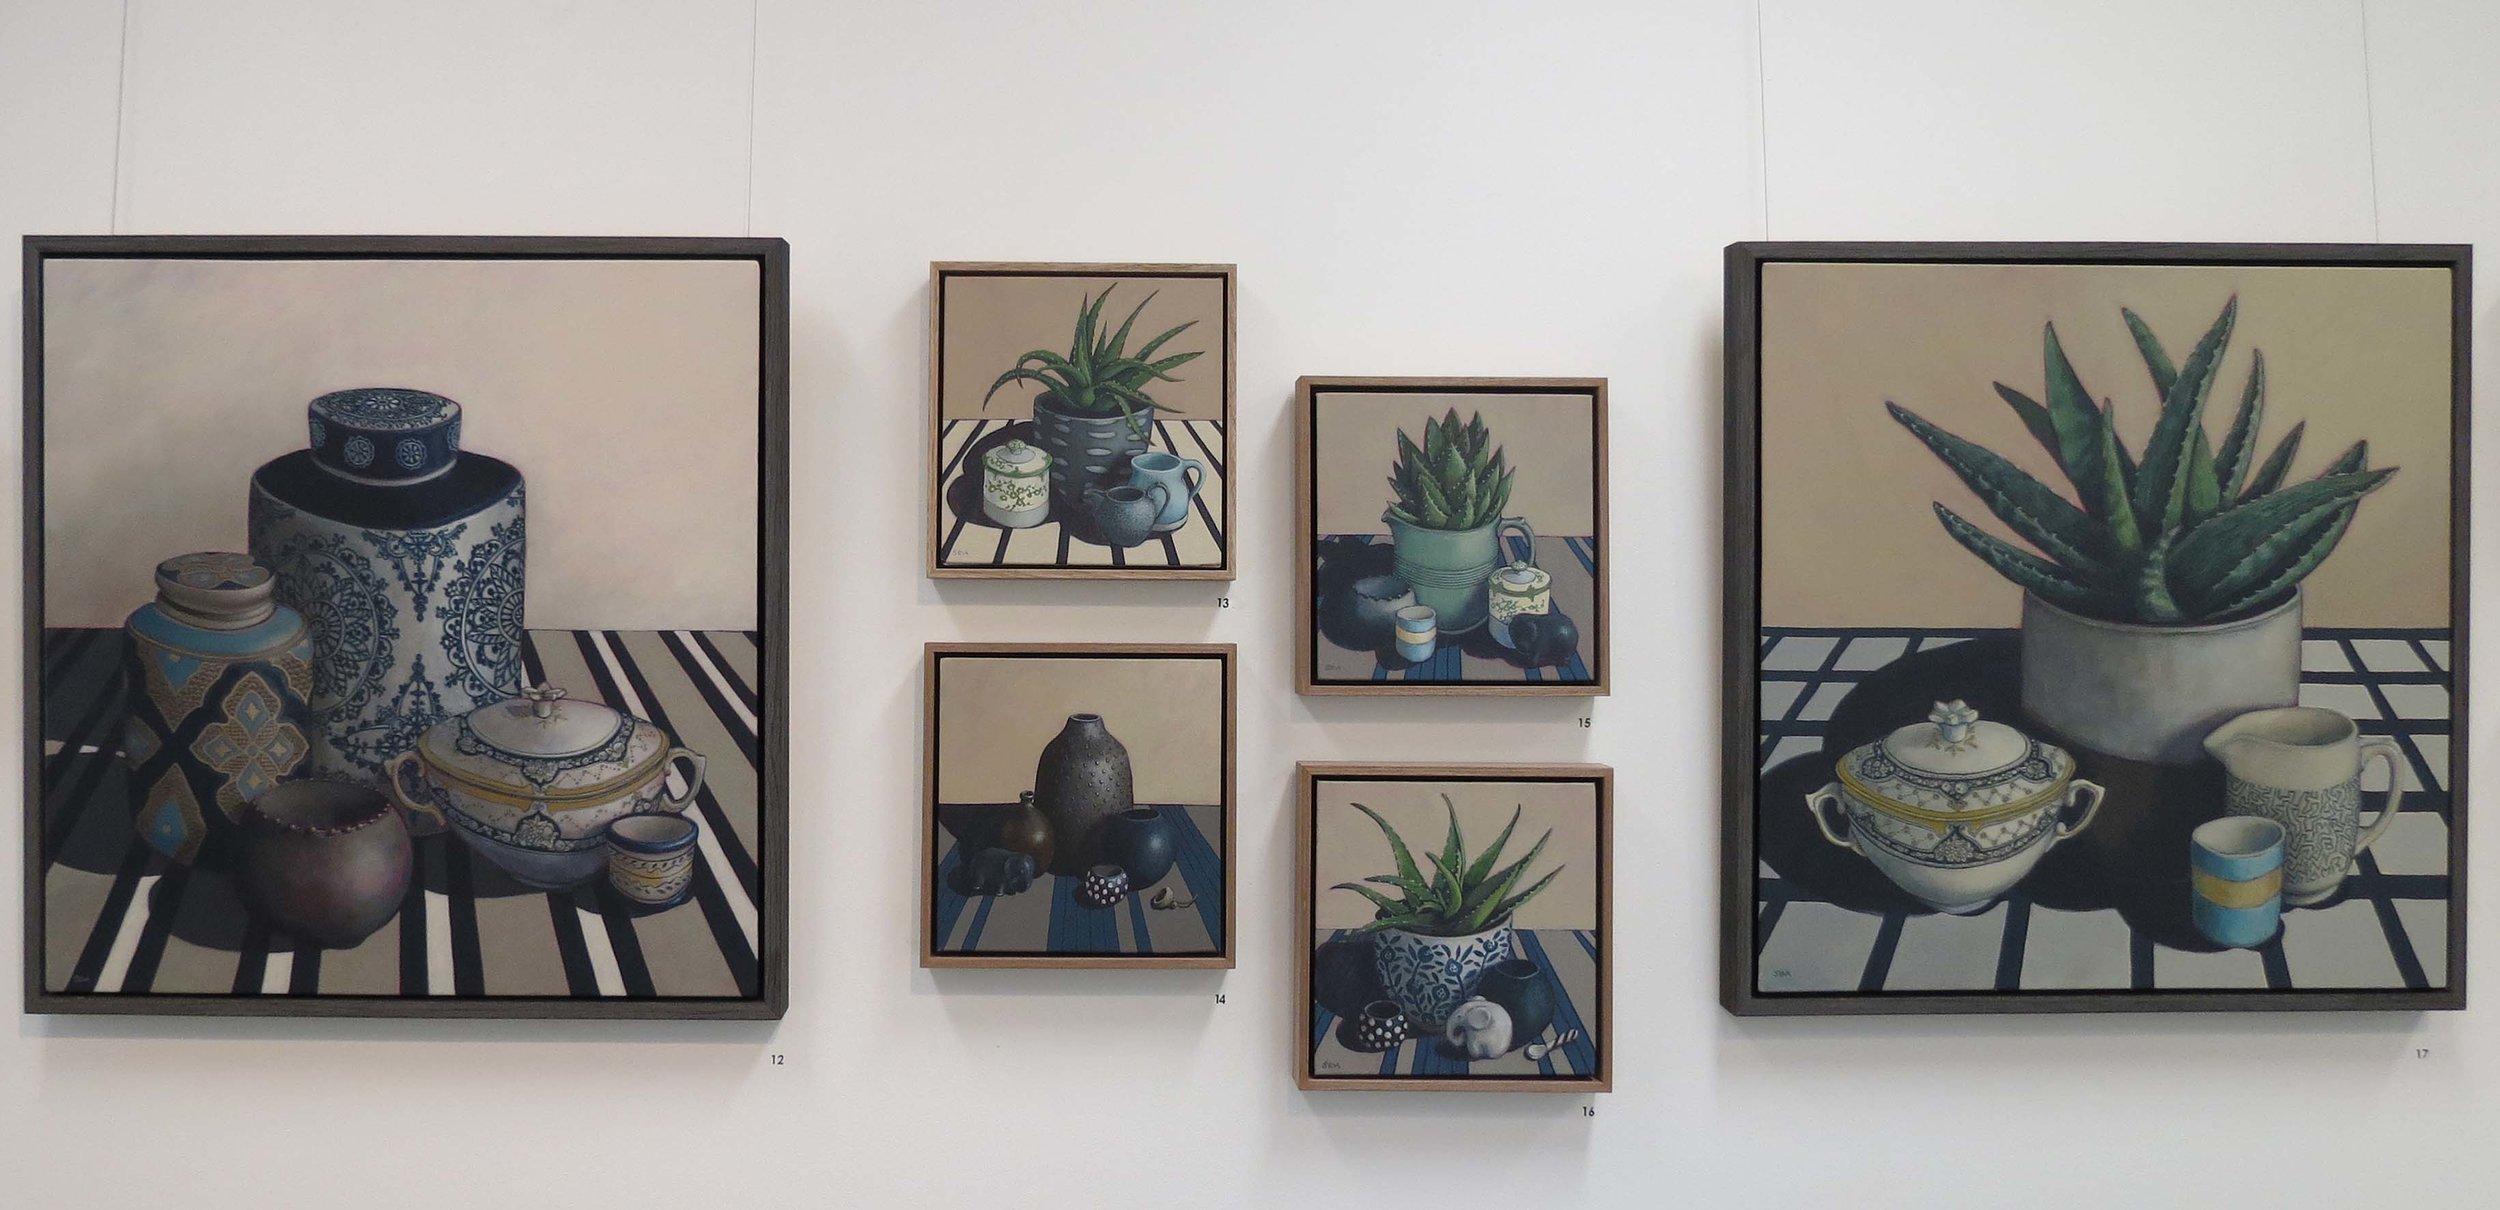 12-17. Sue Eva (exhibition view)